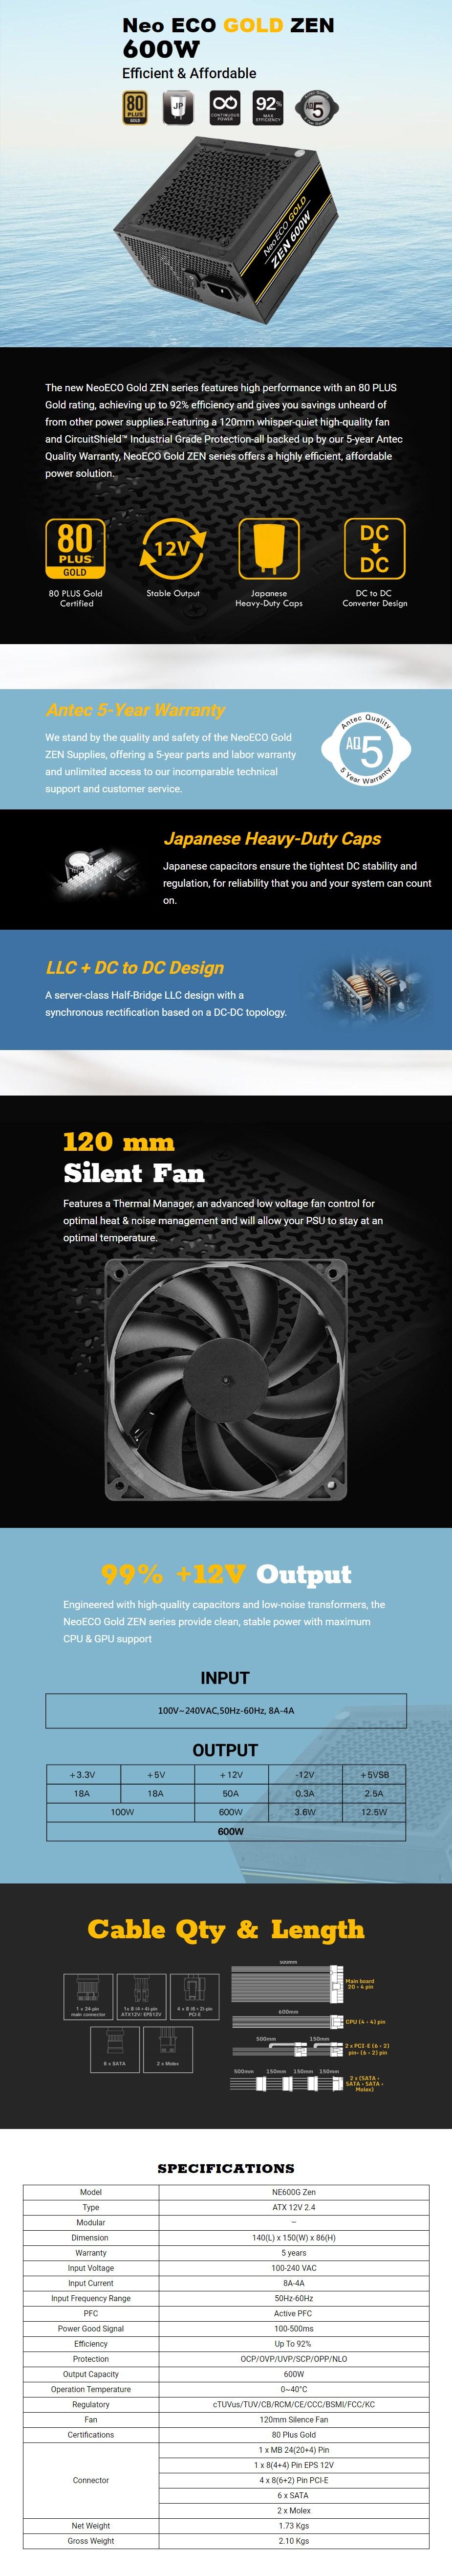 antec-neo-eco-gold-zen-600w-80-nonmodular-power-supply-ac28754-6.jpg